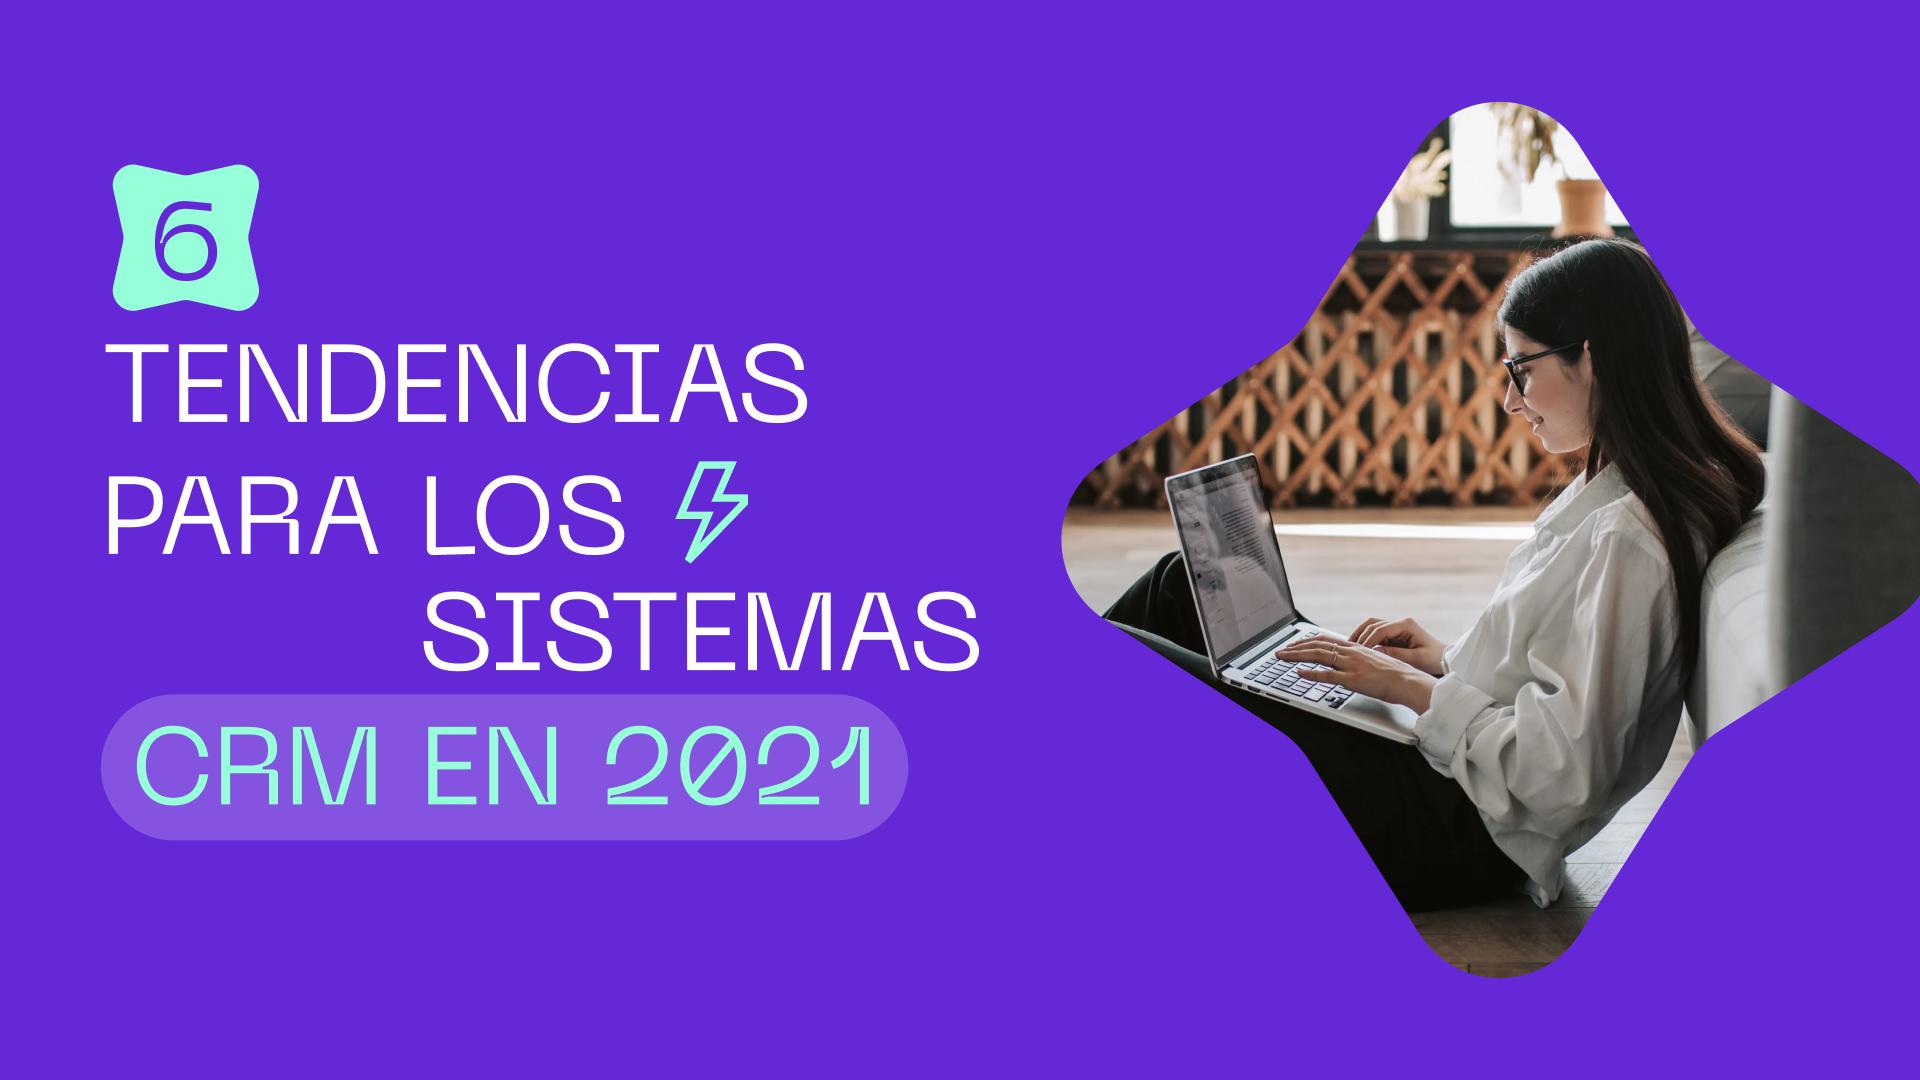 6 tendencias para los sistemas CRM en 2021